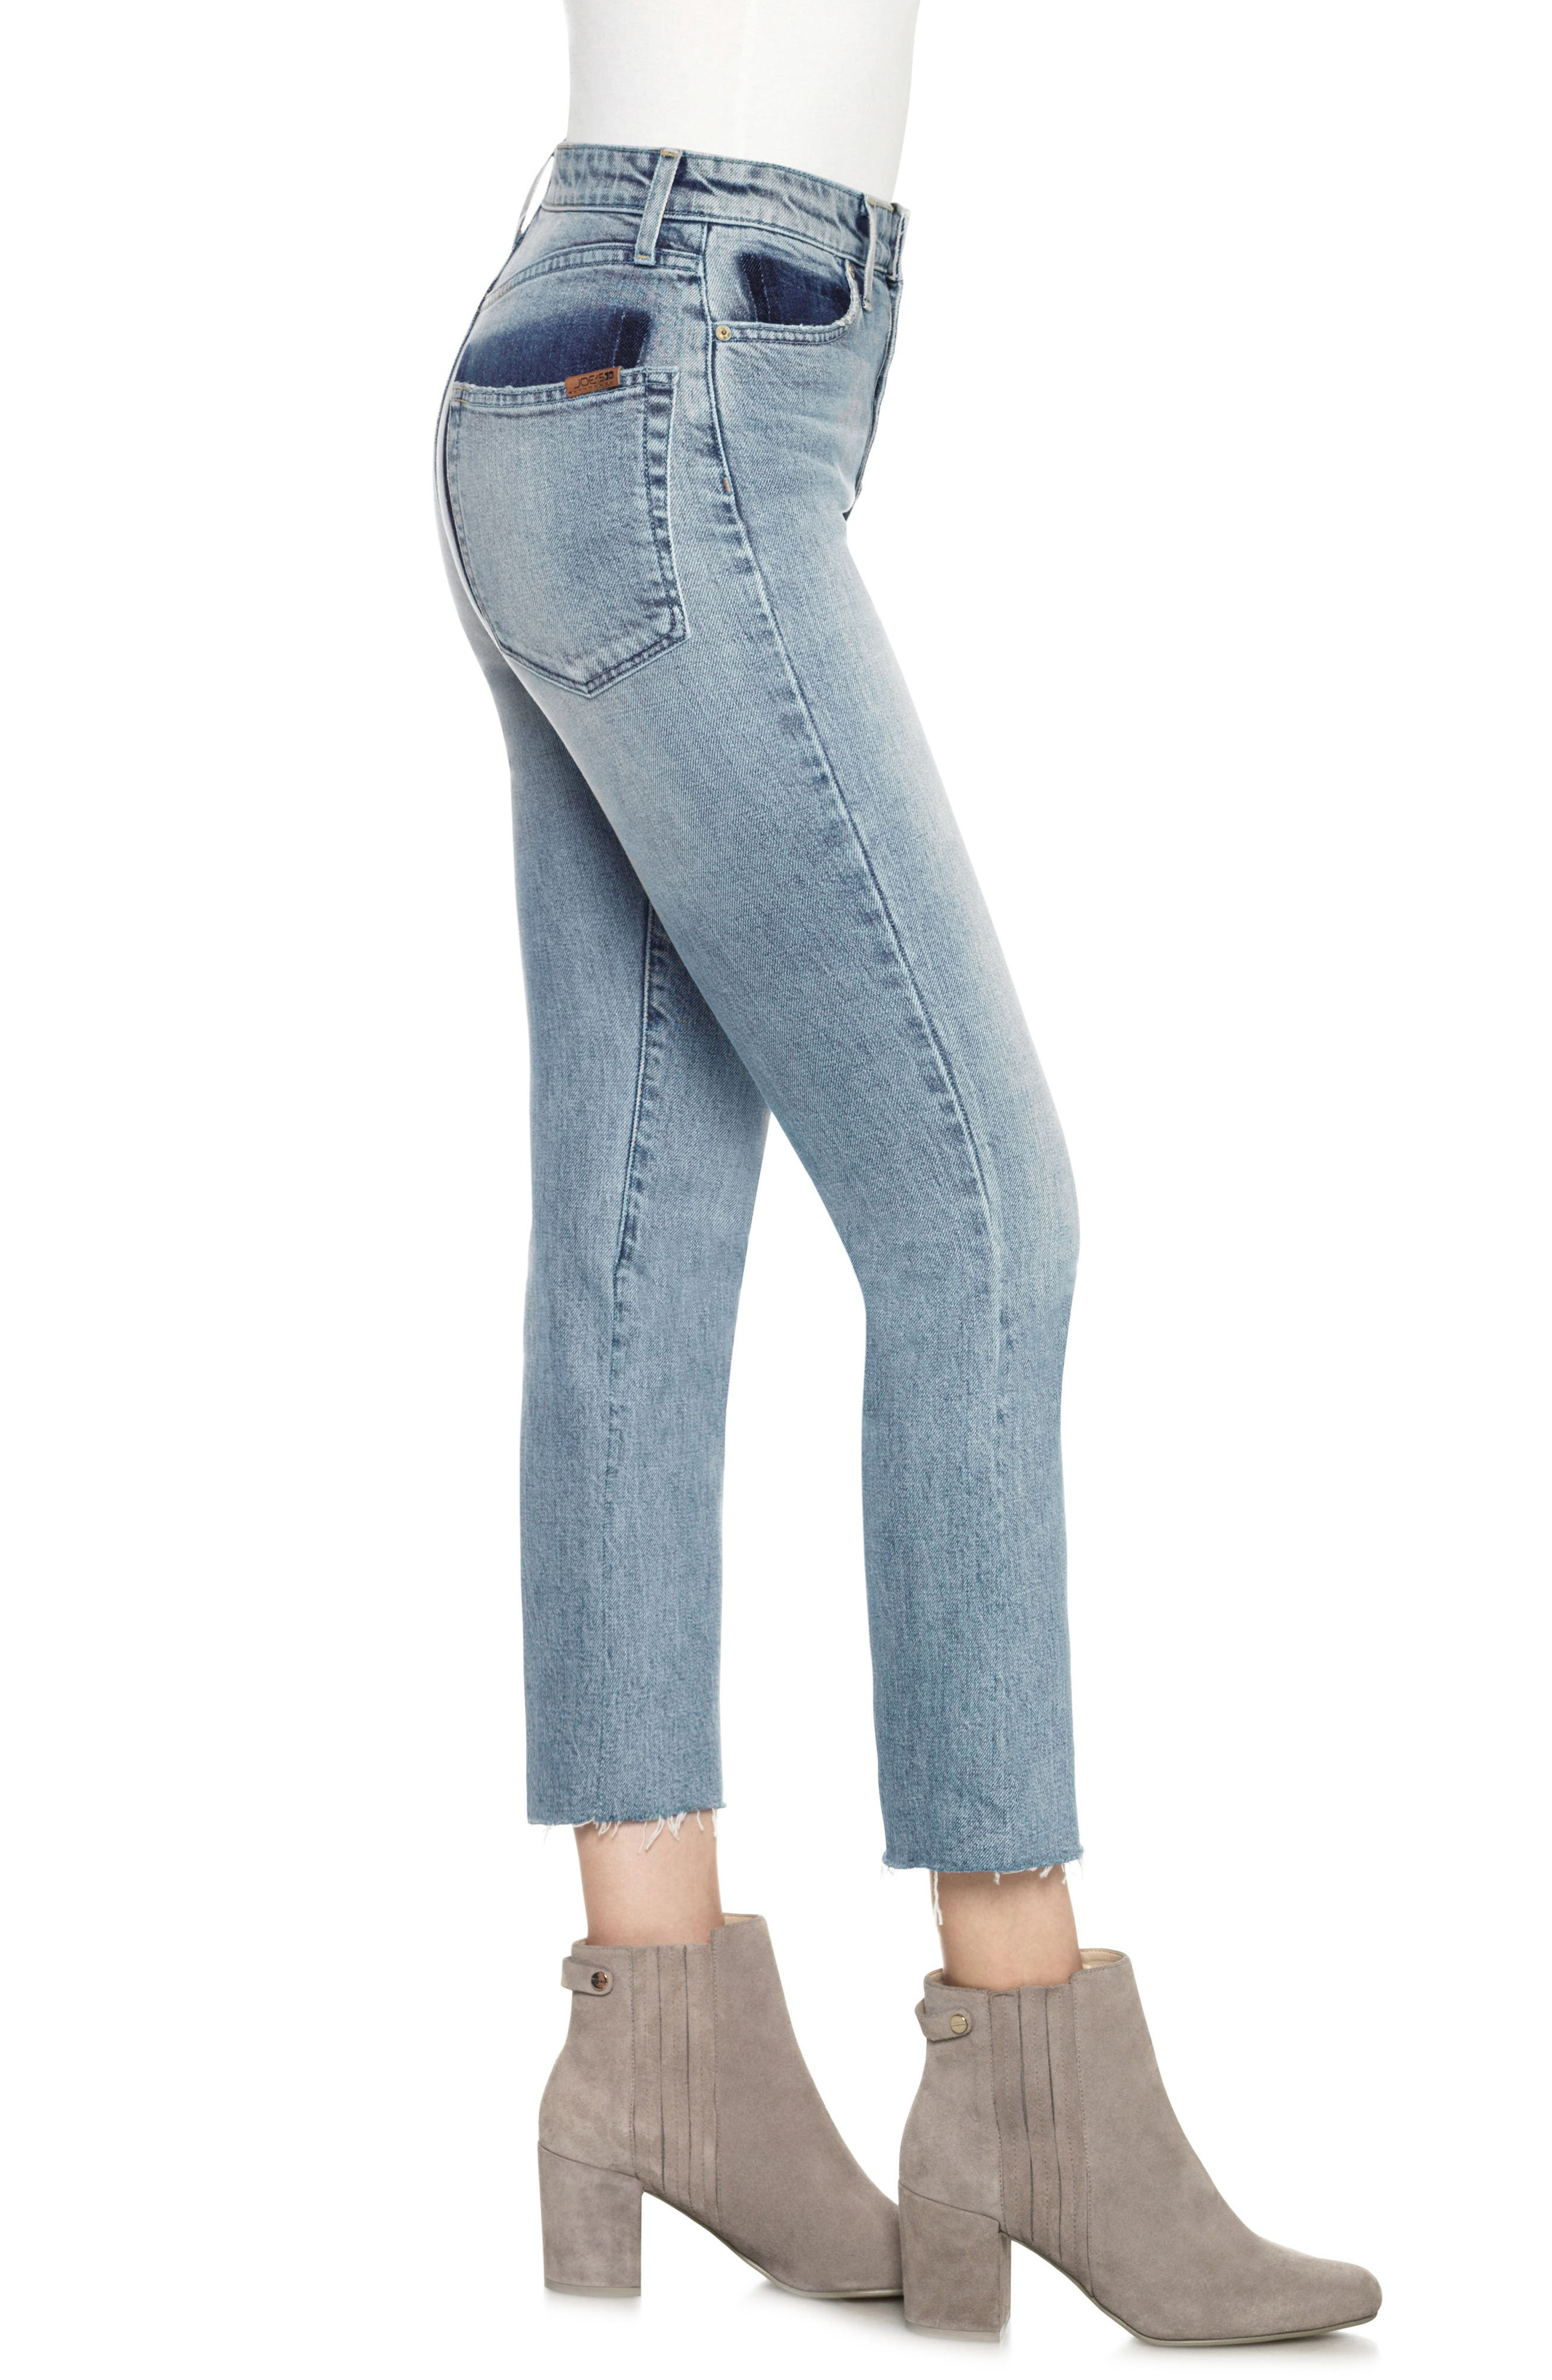 Debbie High Waist Crop Boyfriend Jeans,                             Alternate thumbnail 3, color,                             411